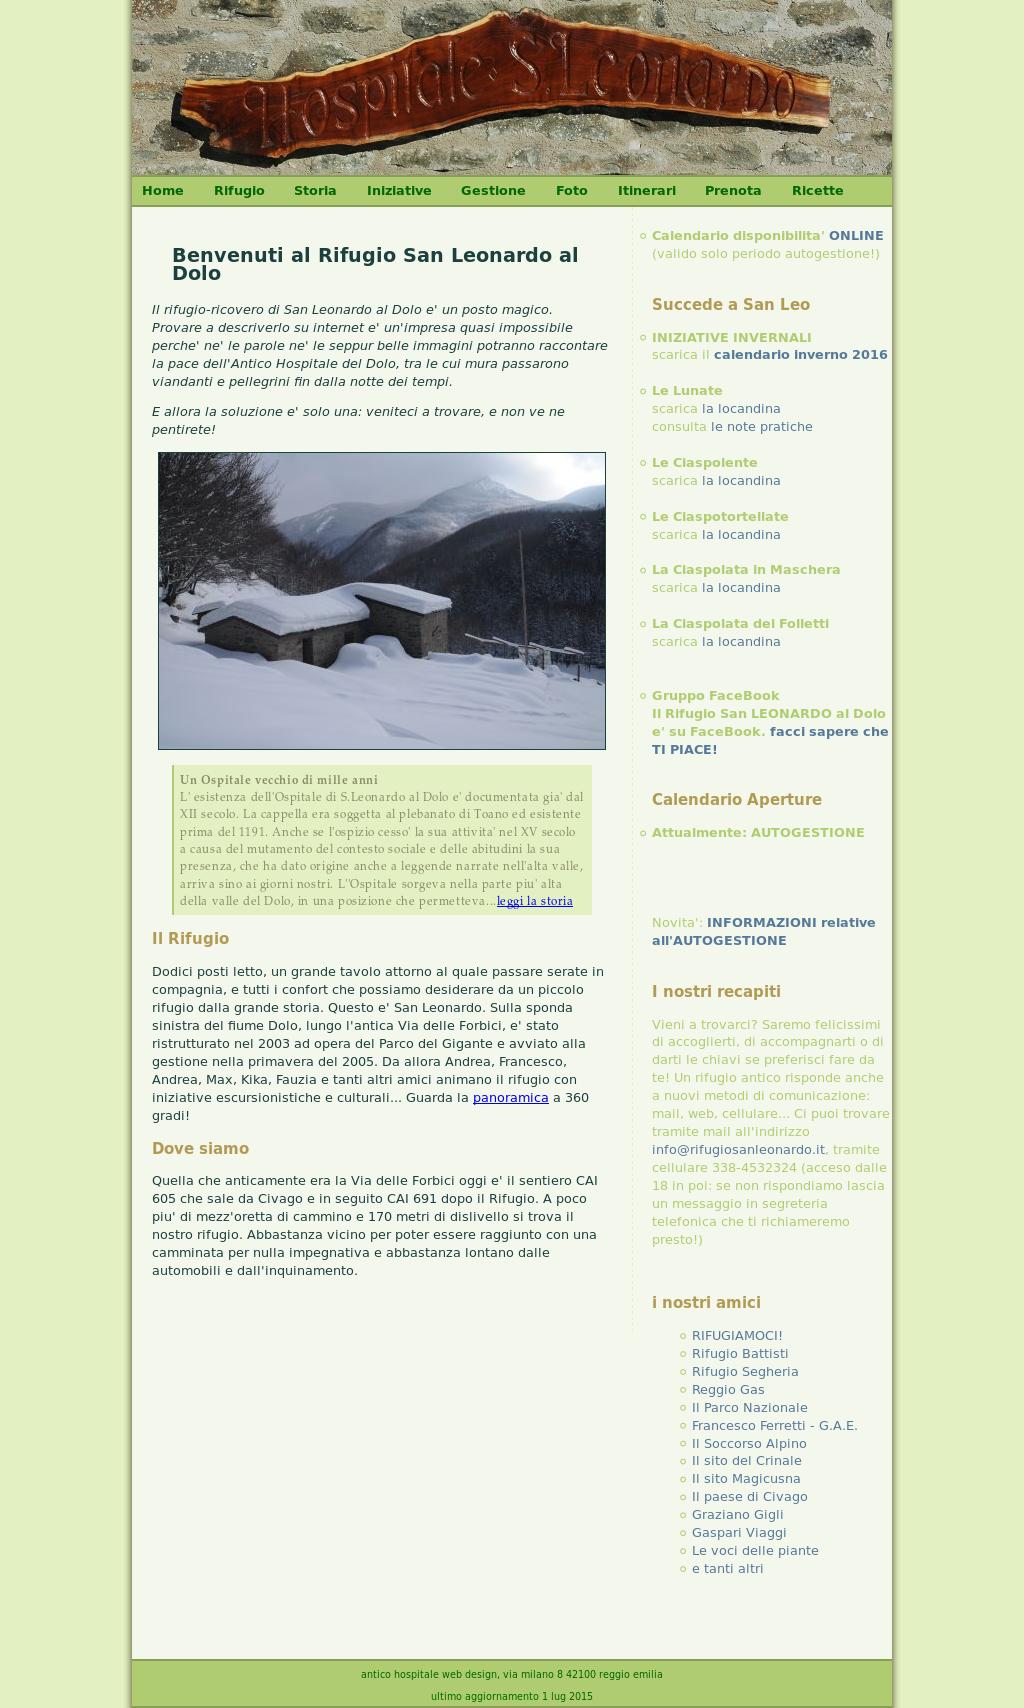 San Leonardo Calendario.Rifugio San Leonardo Al Dolo Competitors Revenue And